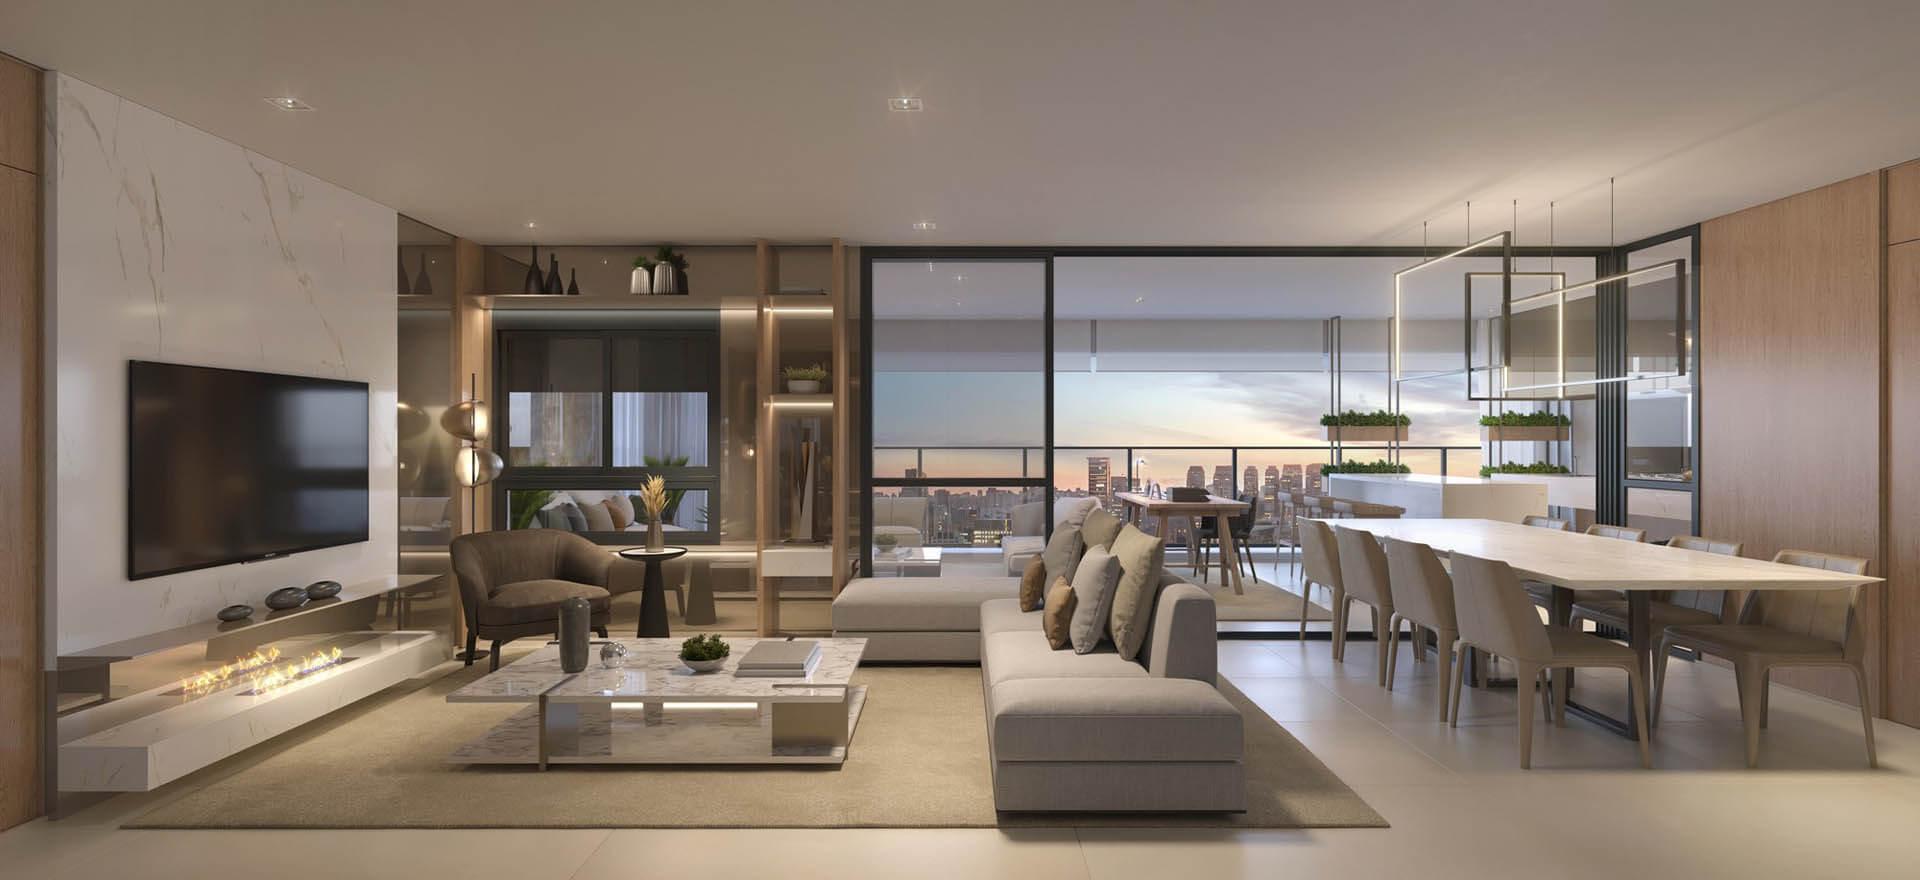 LIVING que se conecta ao terraço por meio de amplas aberturas com caixilhos que vão do piso ao teto. Além de estabelecer a conexão, esses vidros proporcionam boa entrada de iluminação natural a todo o interior da unidade.